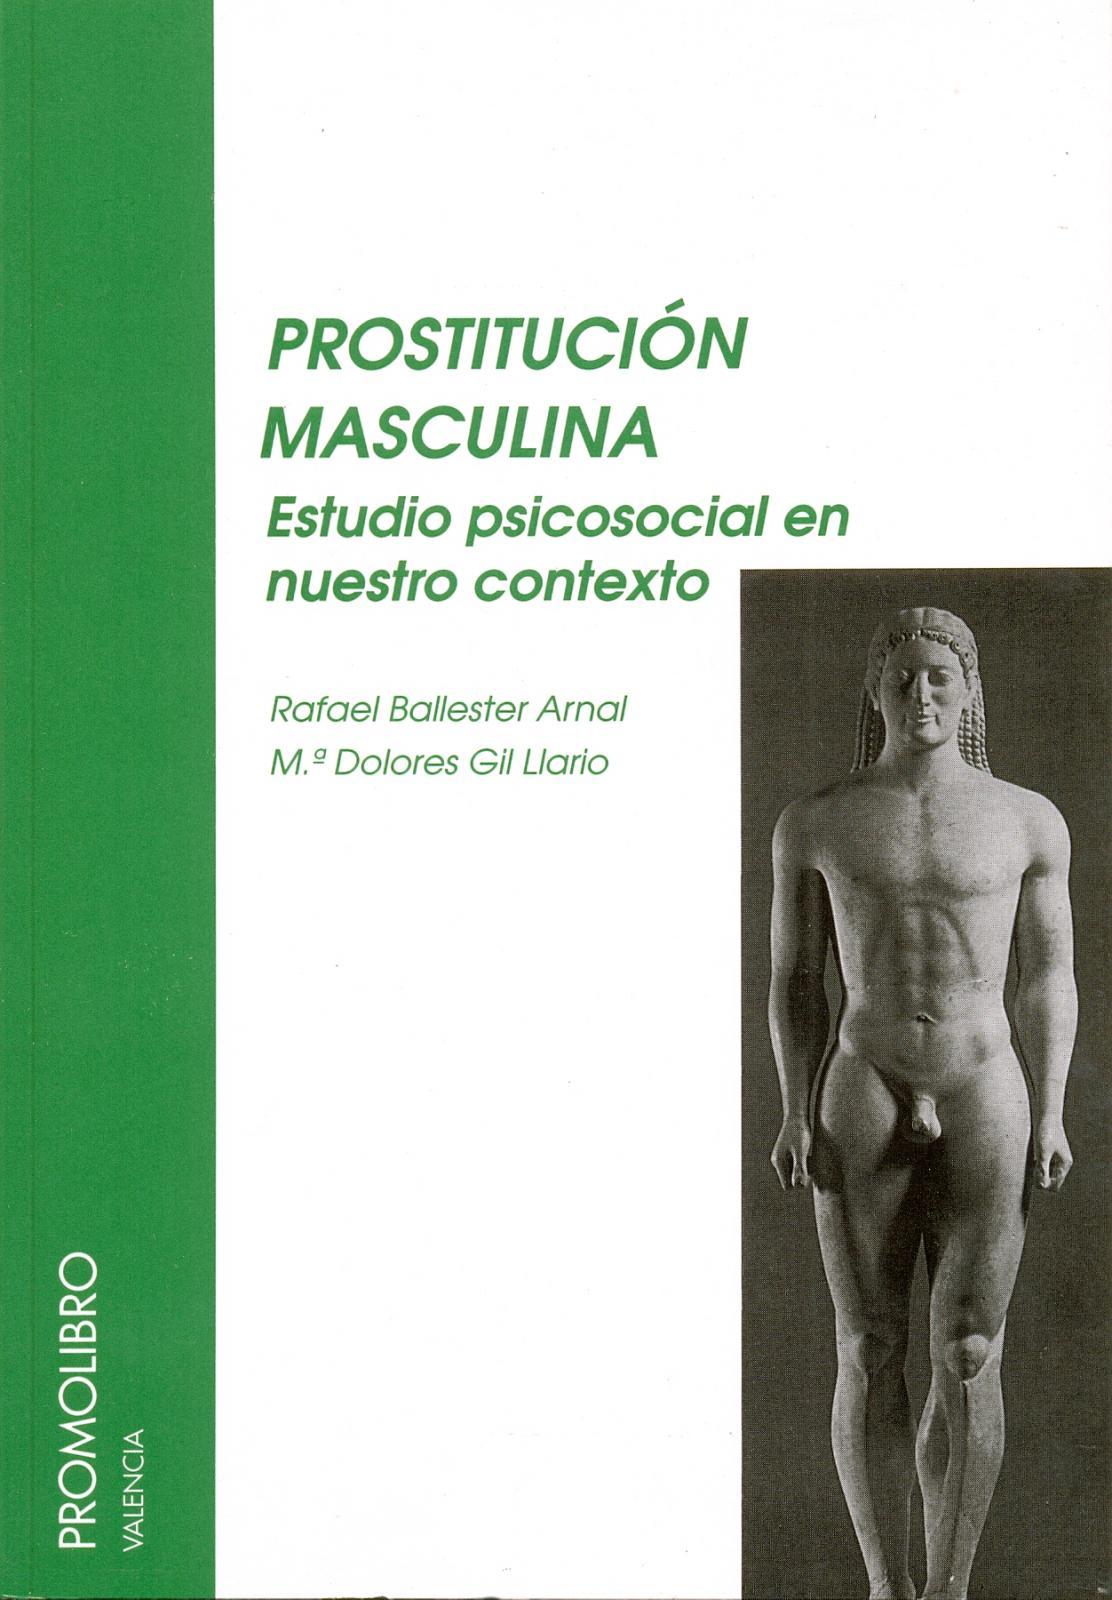 PROSTITUCIÓN MASCULINA